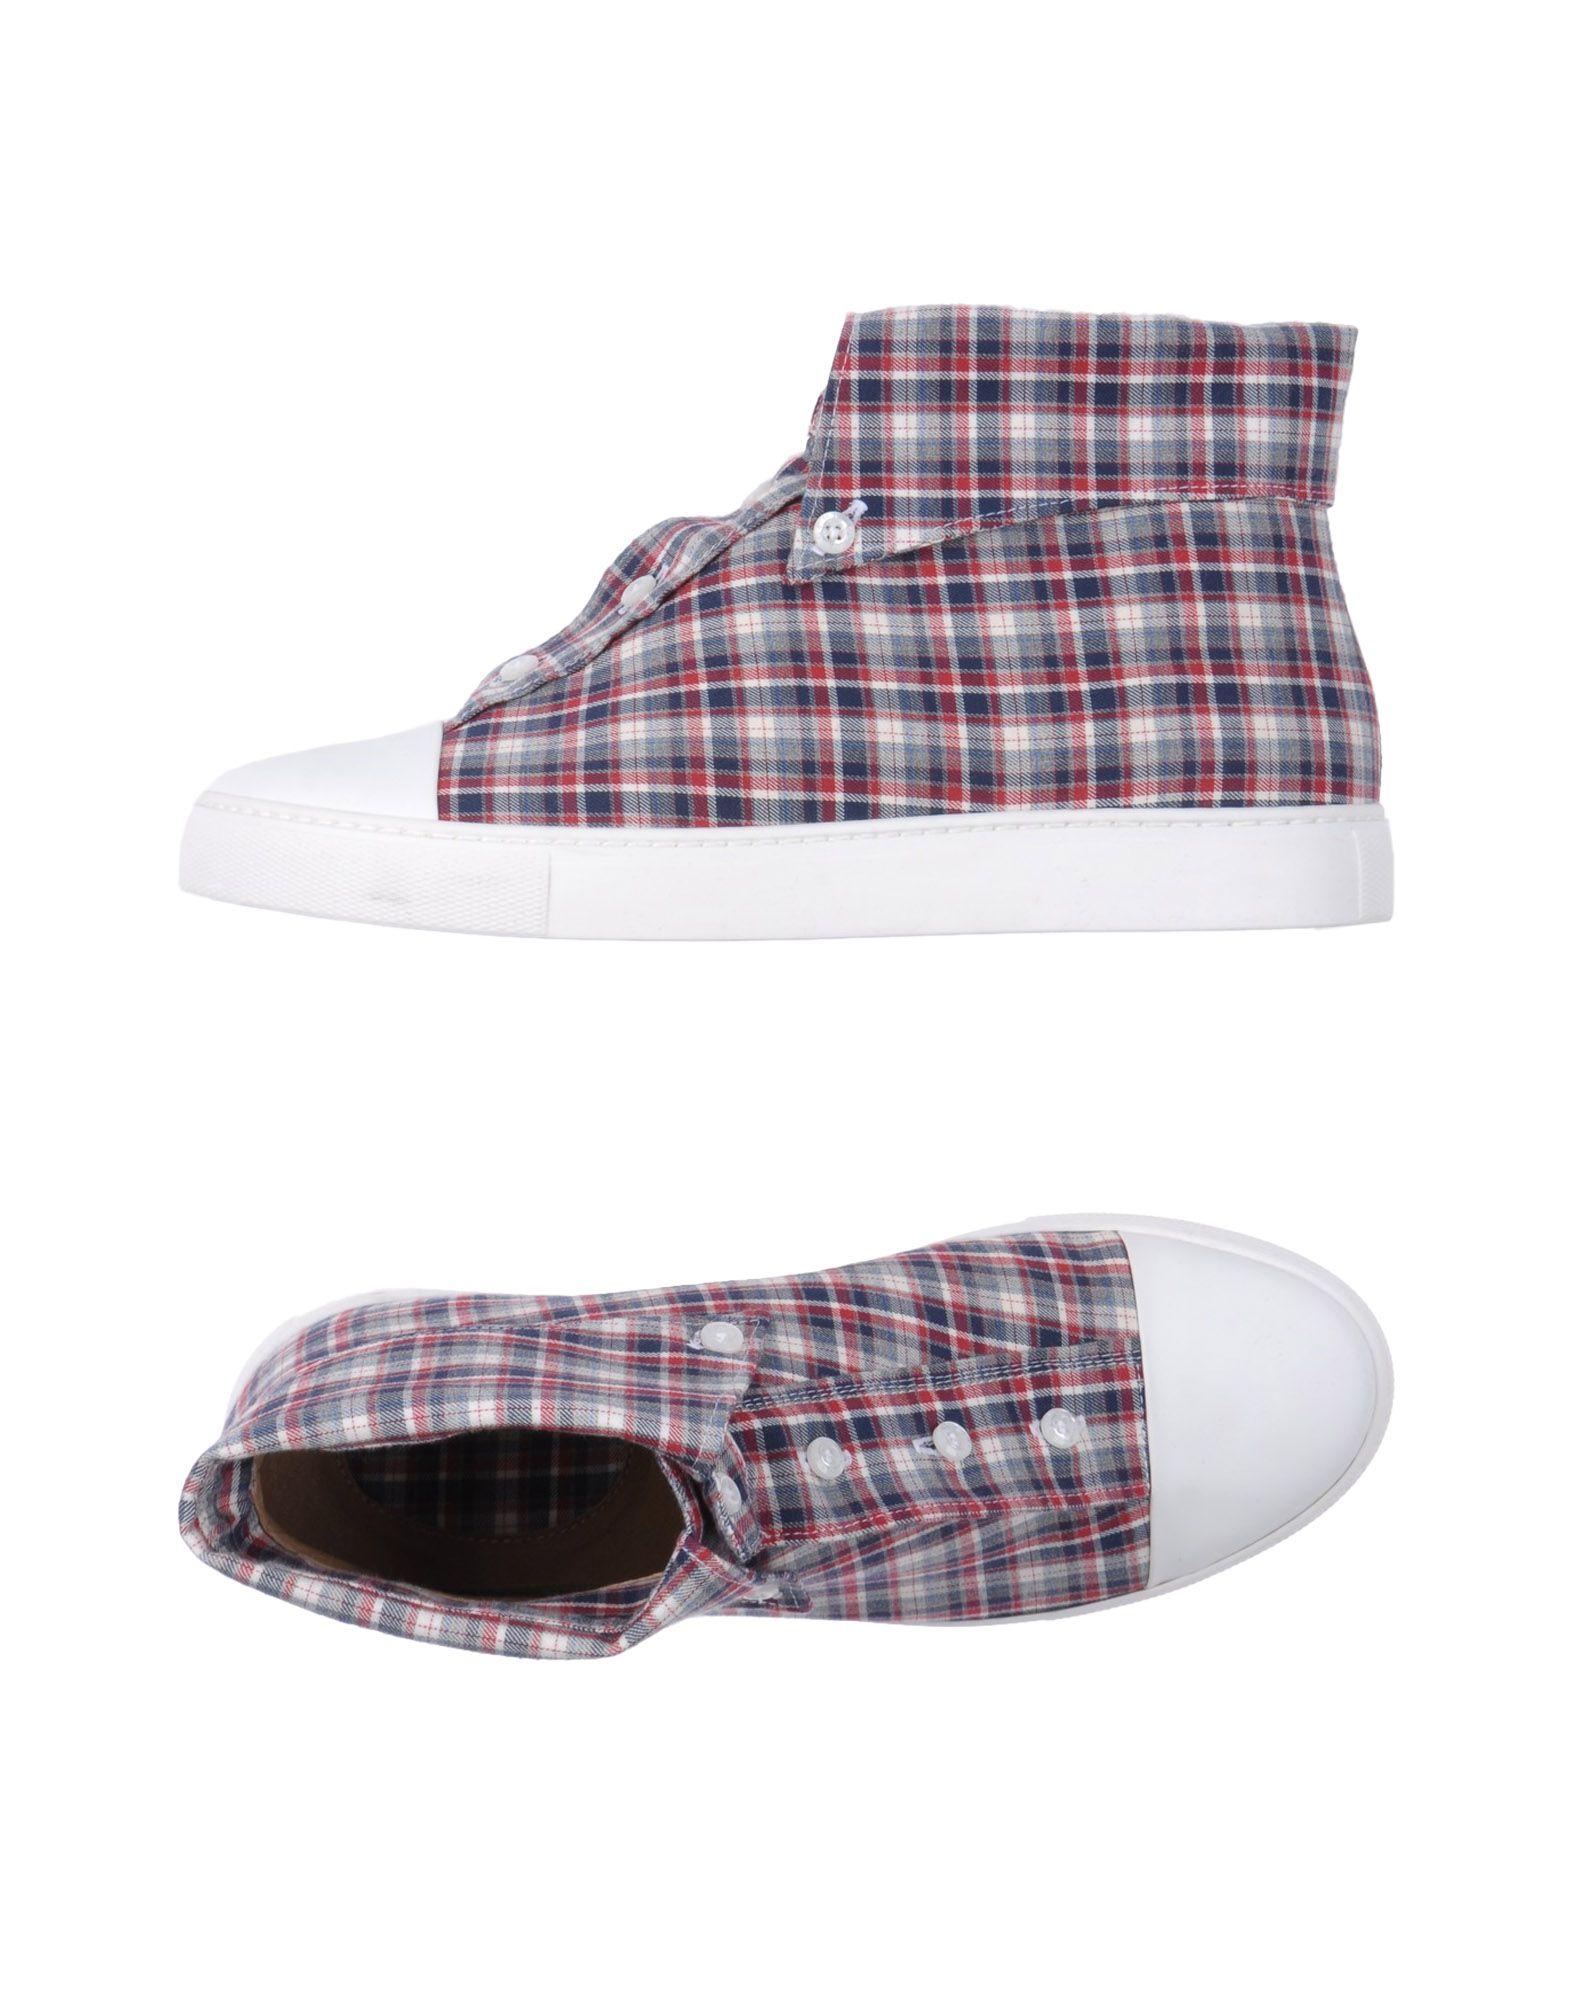 Sciuscert Sneakers Sneakers Sciuscert Herren  11161005HO d1fe6f